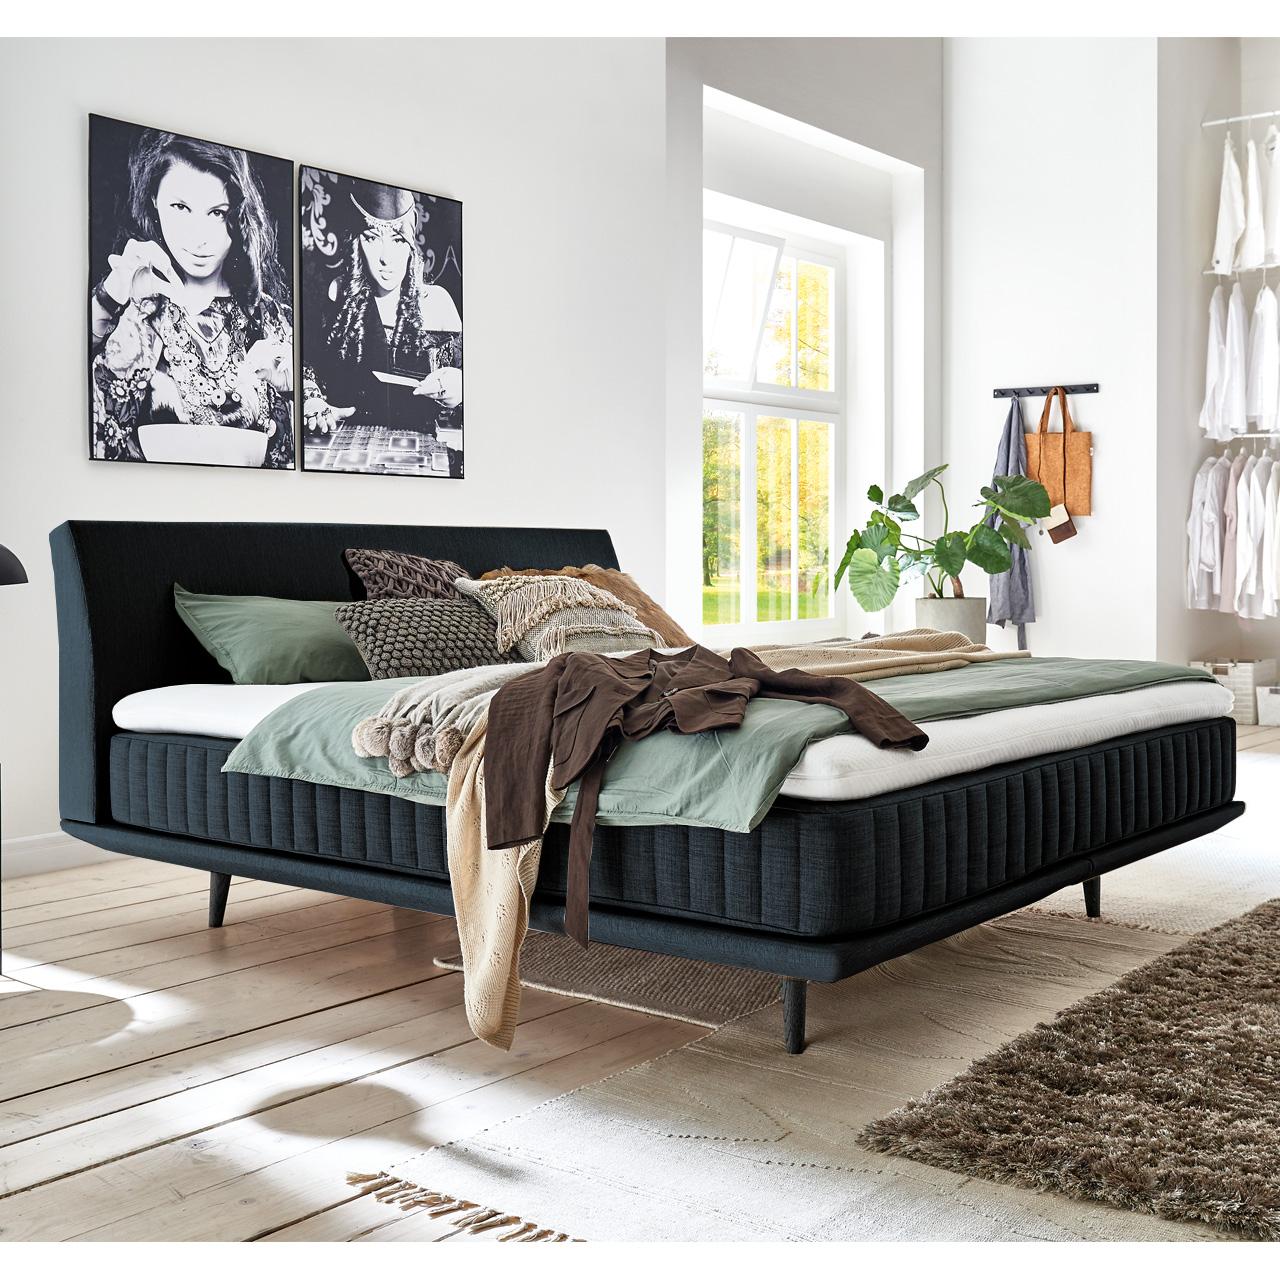 Full Size of 10€ Gutschein Sich Betten Definition Dealership Muskegon Depot Kaufen Deutschland Imc Bewertung Gutscheincode Beste Hersteller Minimum Collection Bett Betten De